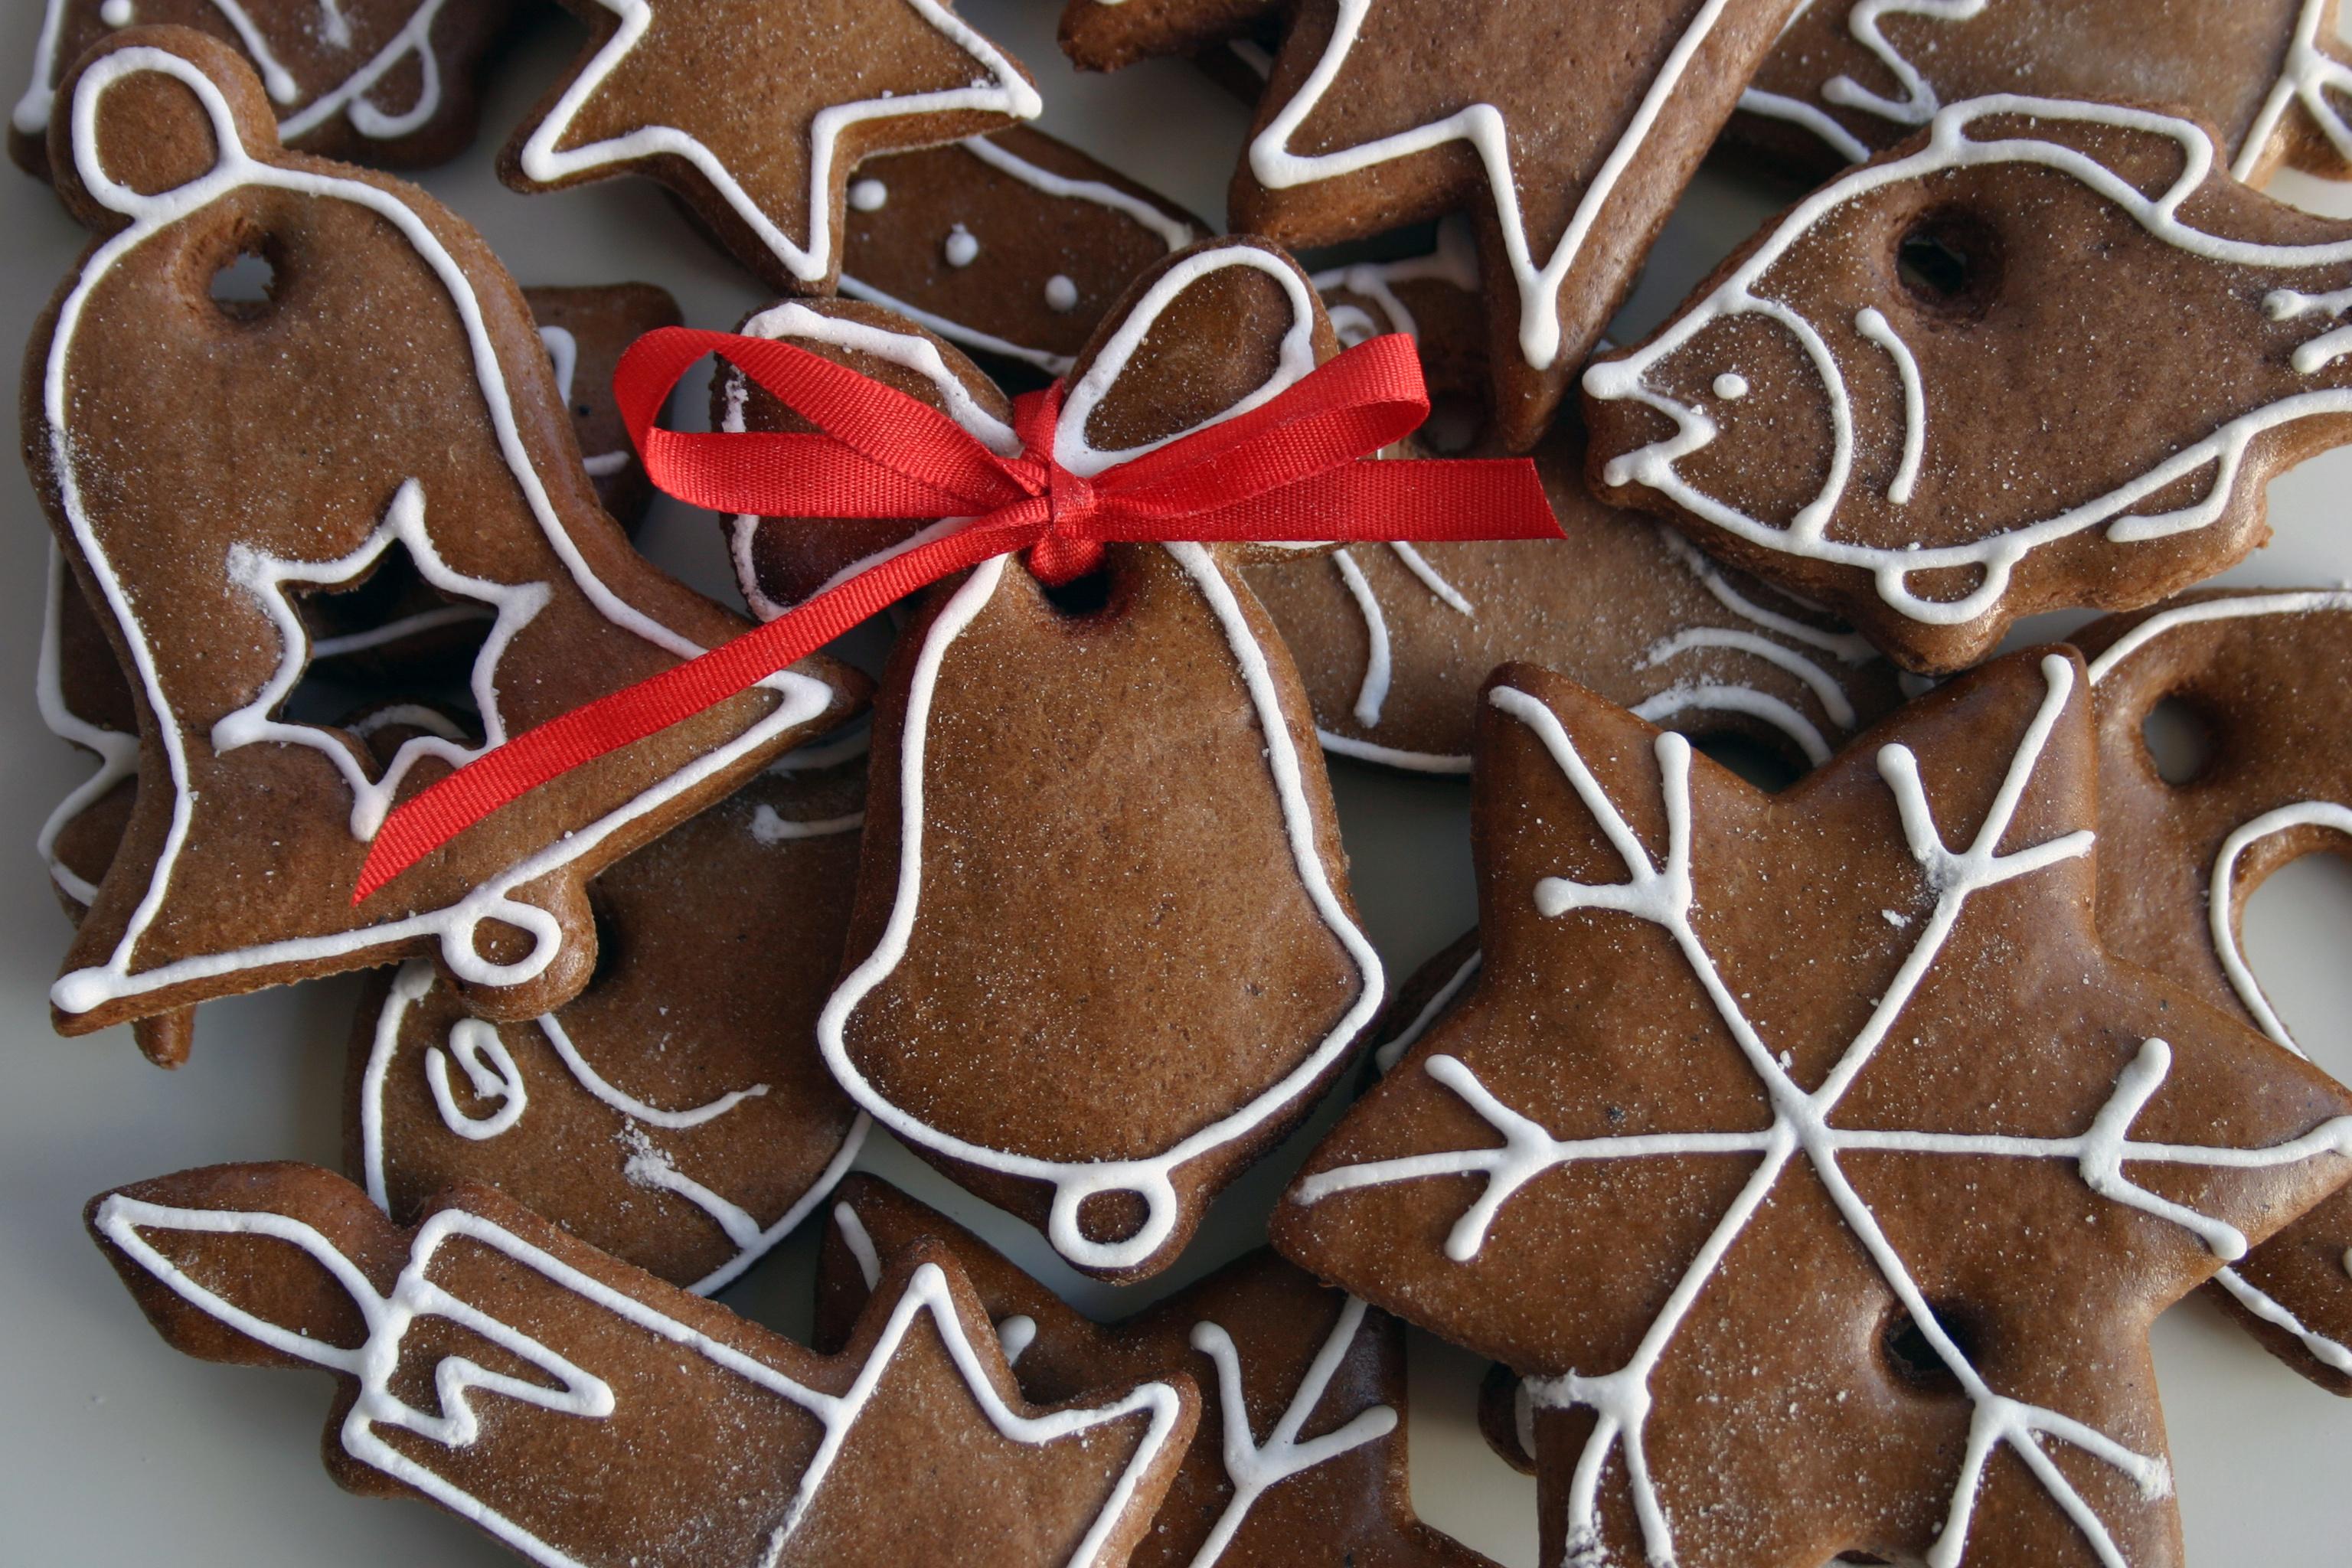 świąteczne Przepisy Pierniki Ellepl Trendy Jesień Zima